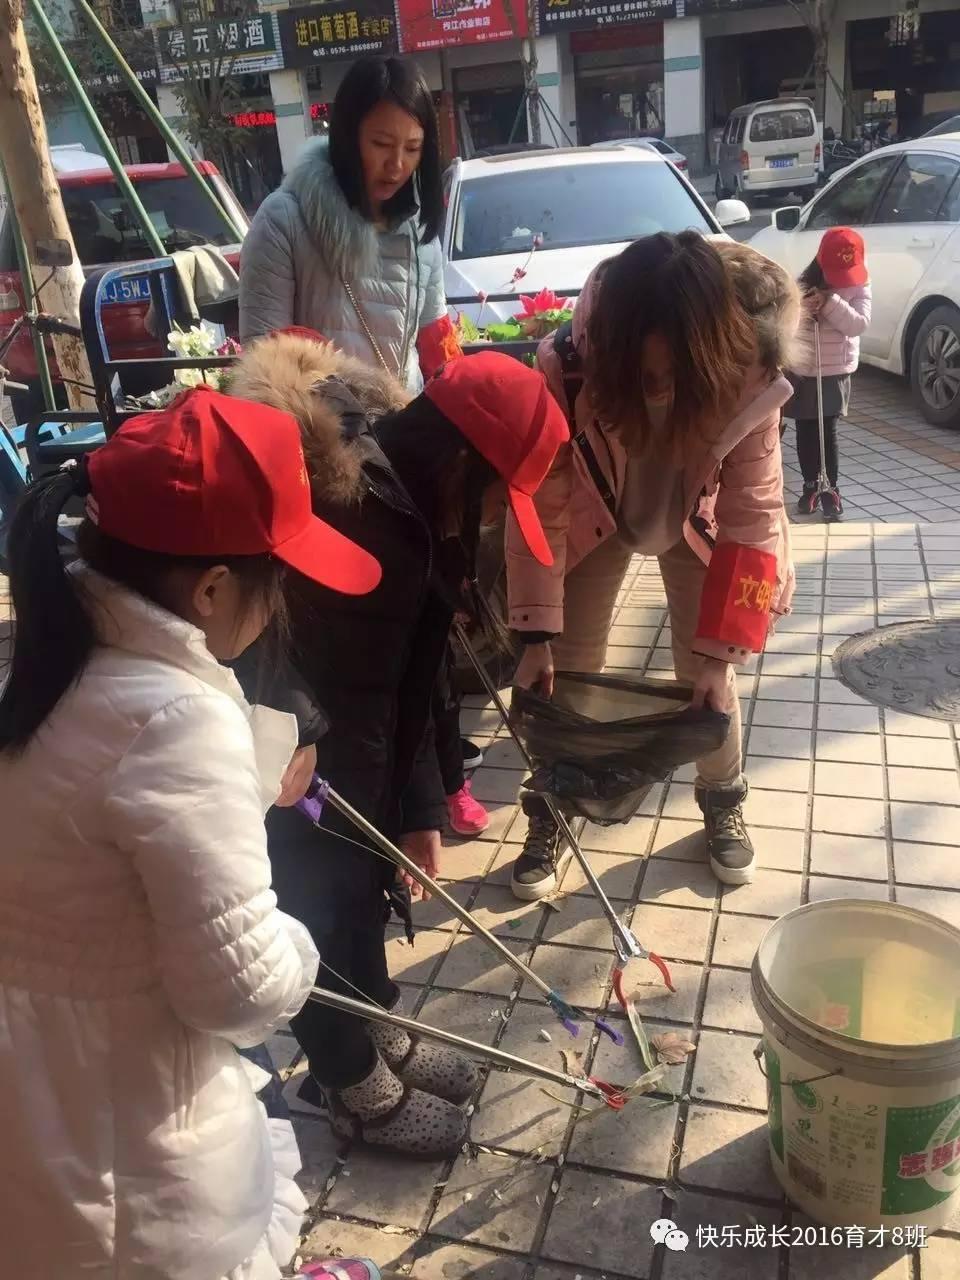 寒假几天,椒江实验小学一(8)班做了多事的计划健康小学生图片